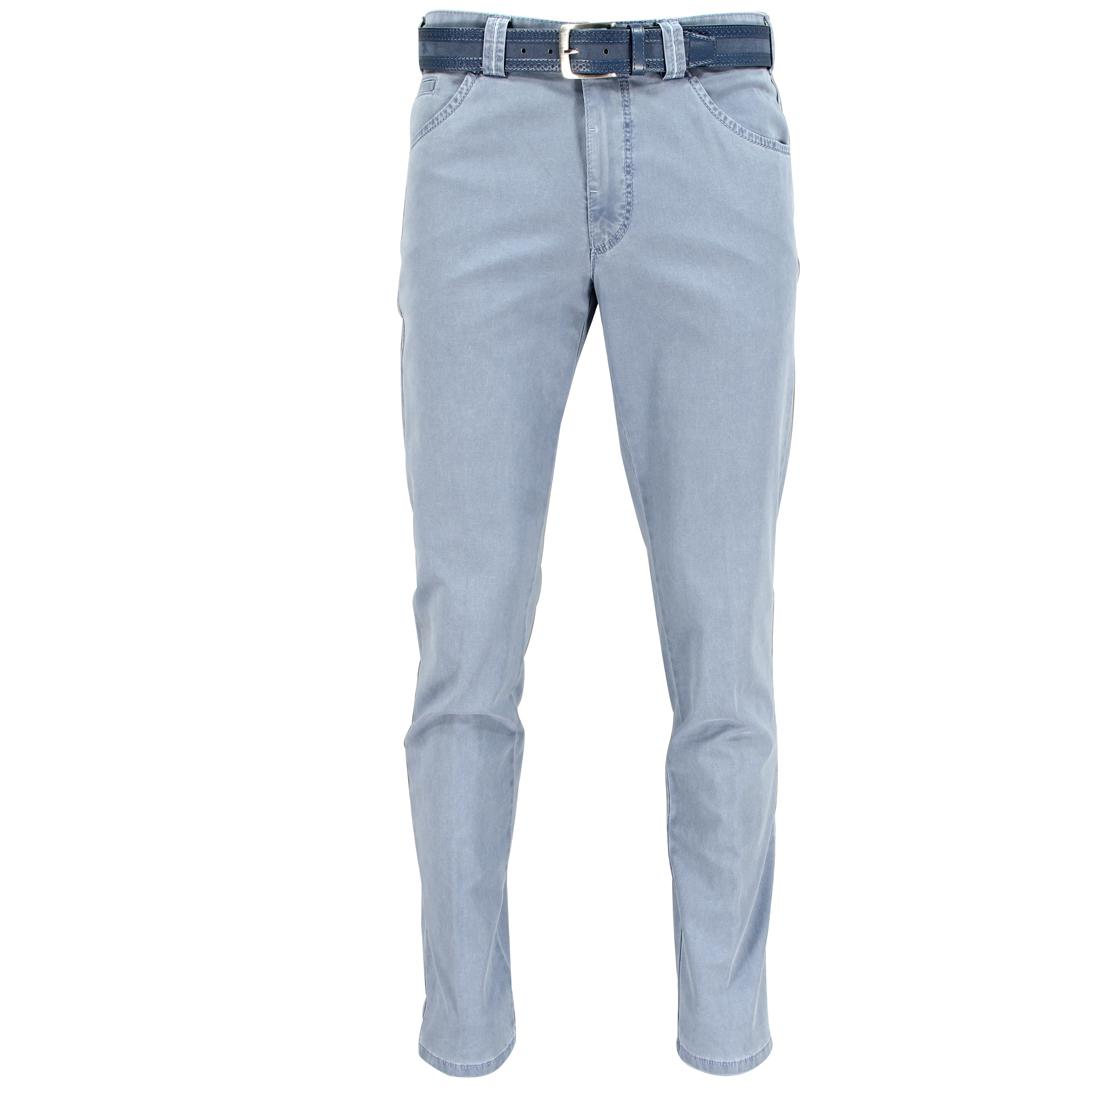 Meyer Hosen broeken Dublin 1271500700 in het Blauw